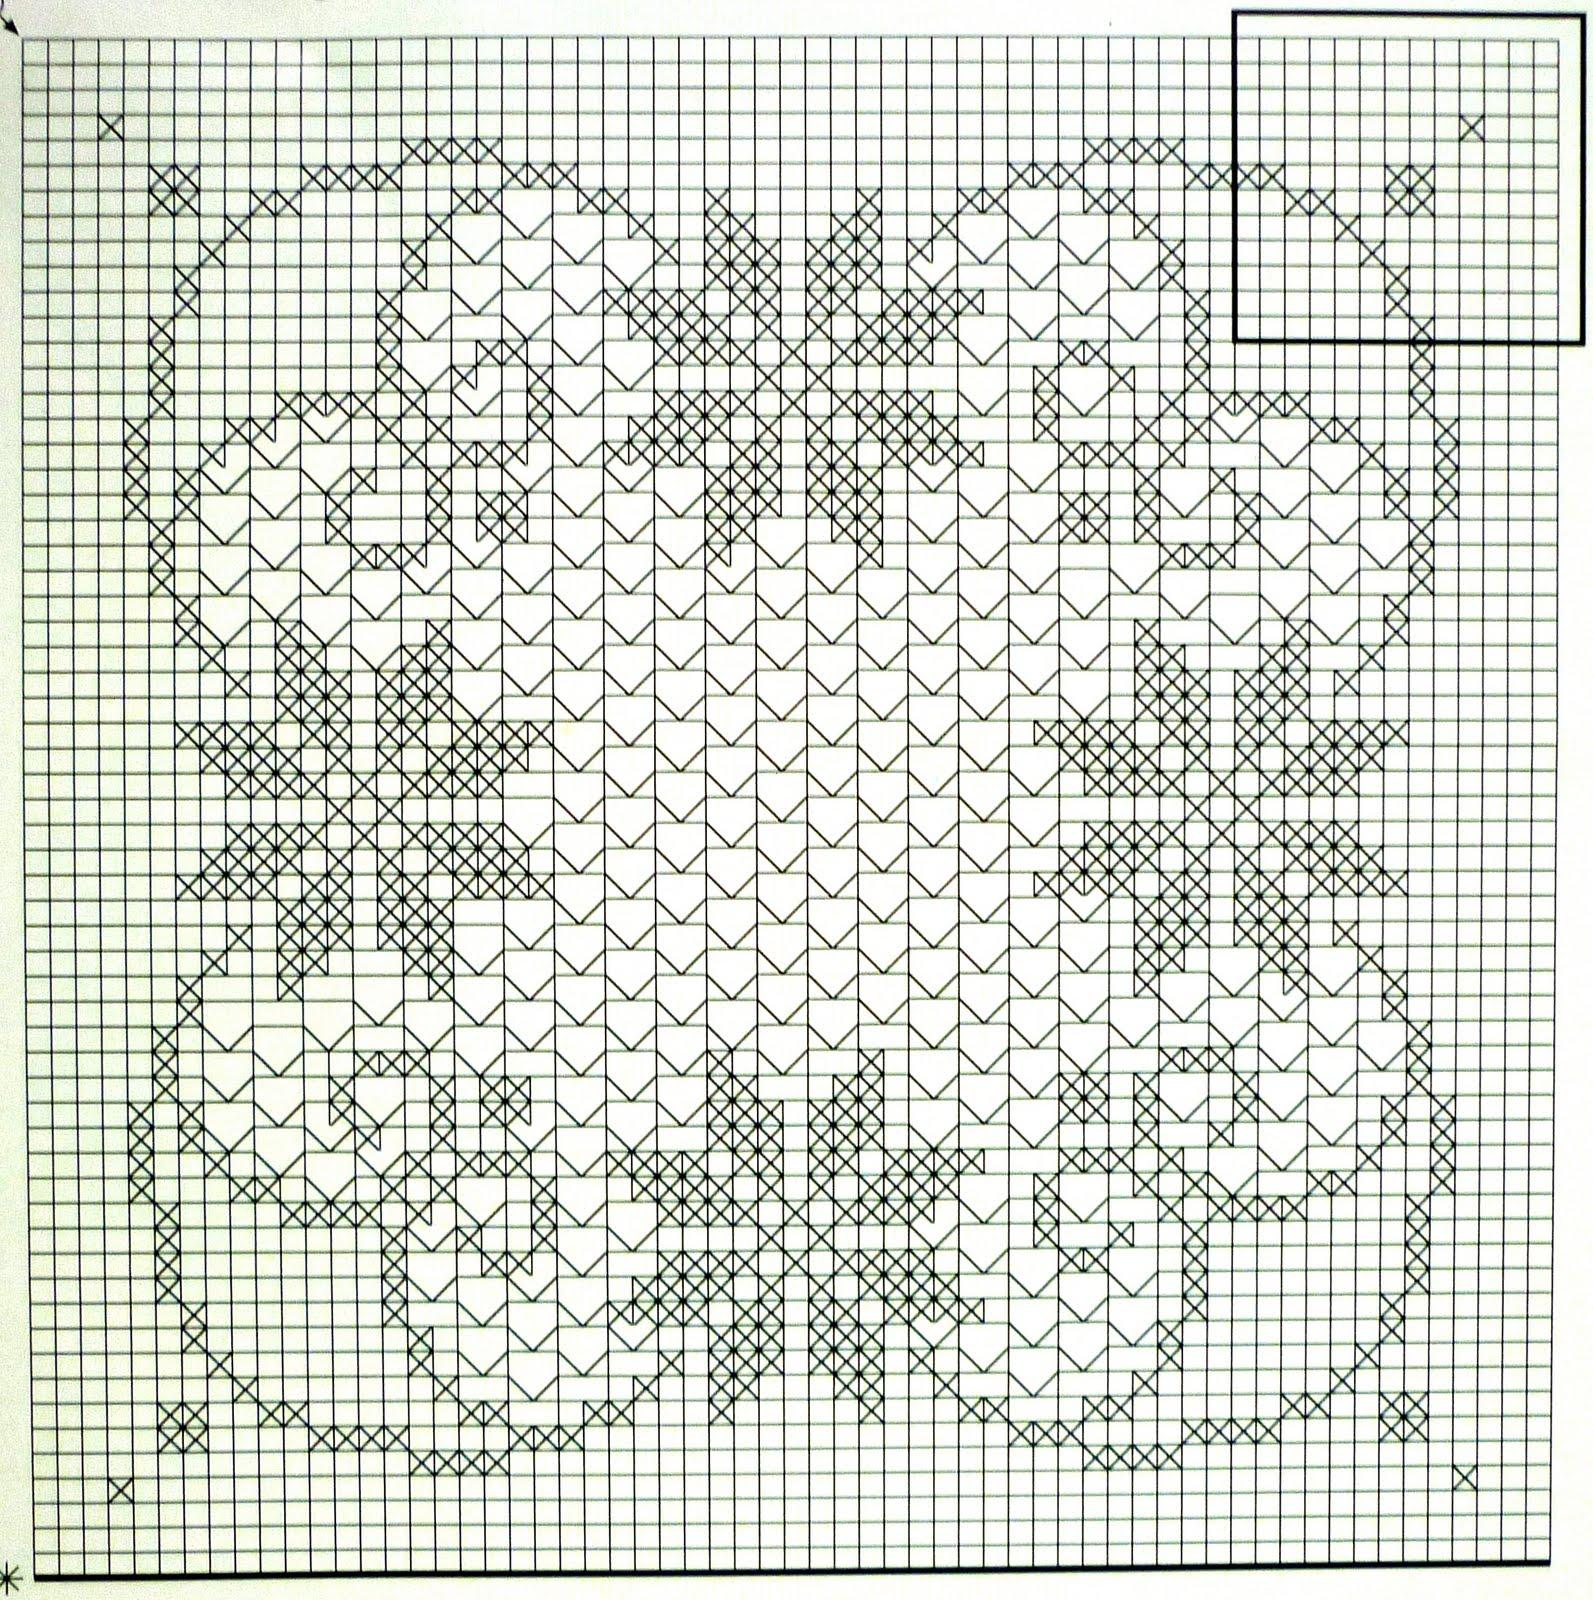 Tovaglia filet quadrati grandi 2 punto for Schemi tovaglie uncinetto filet